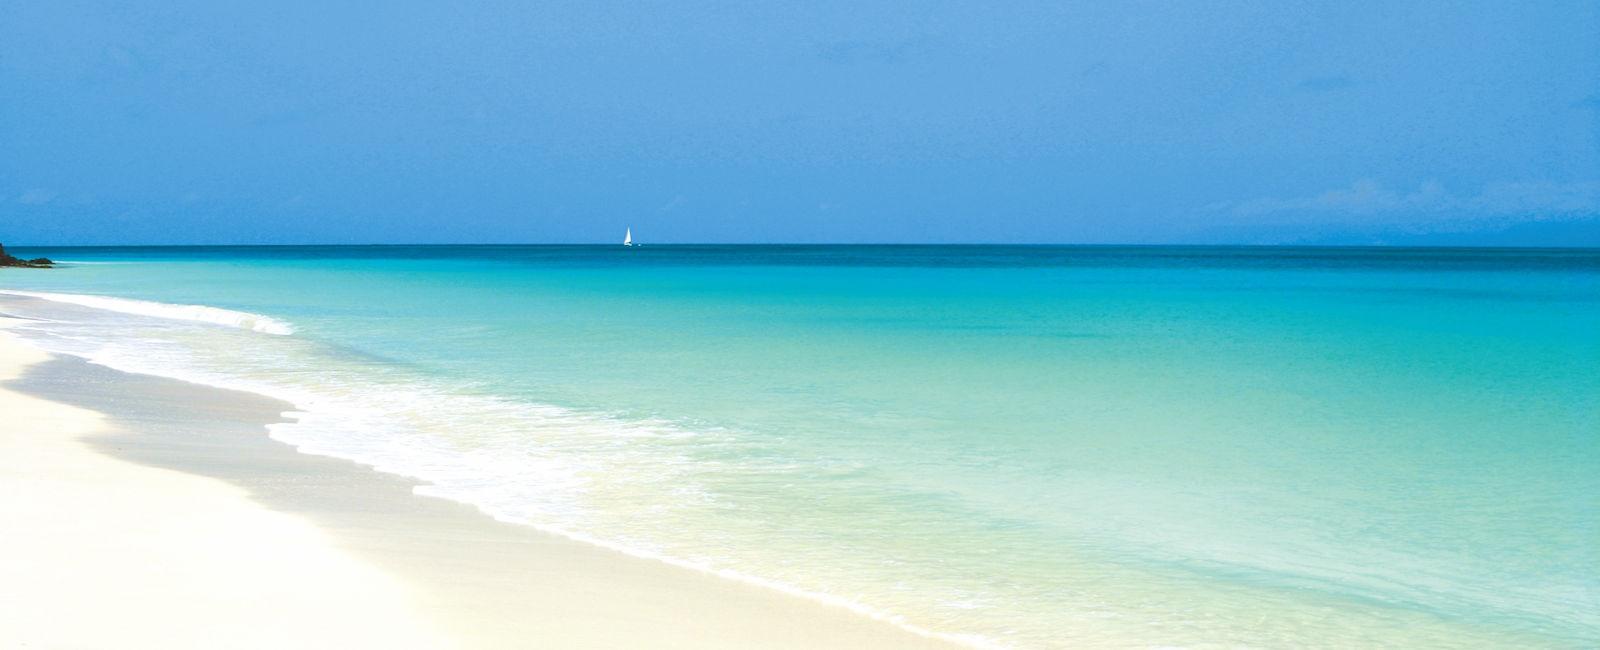 hodges bay, beach